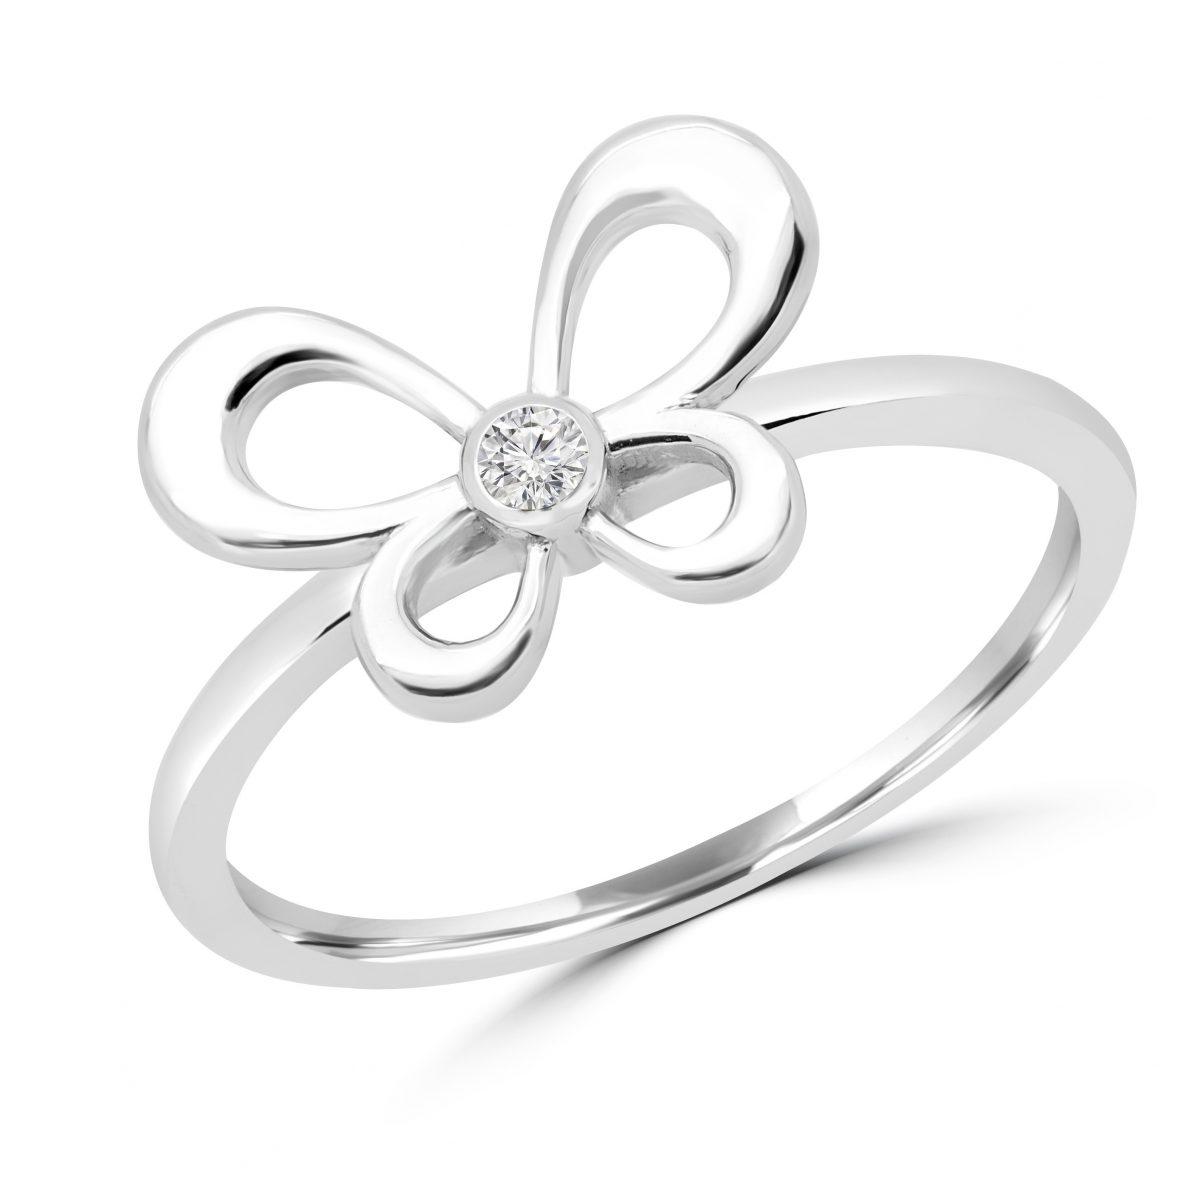 ce849c1dce3a Anillo de compromiso en oro blanco con diseño de mariposa 10k con diamante  redondo